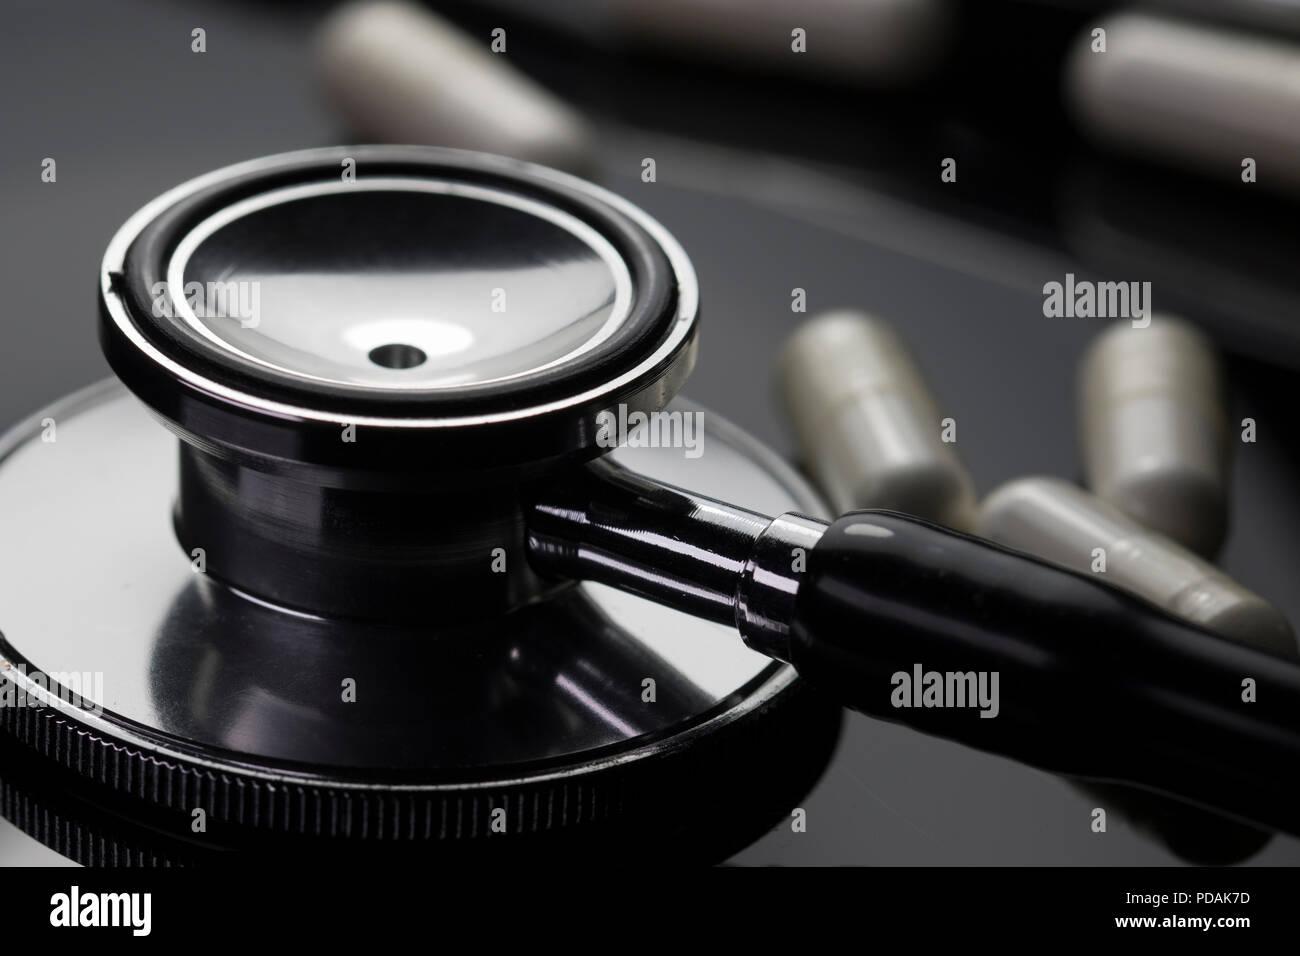 Fantastisch Health Care Konzept Mit Stethoskop Und Weiße Pillen. Saubere, Moderne,  Medizinische Bilder Mit Ärzten Geräte Und Medikamente.